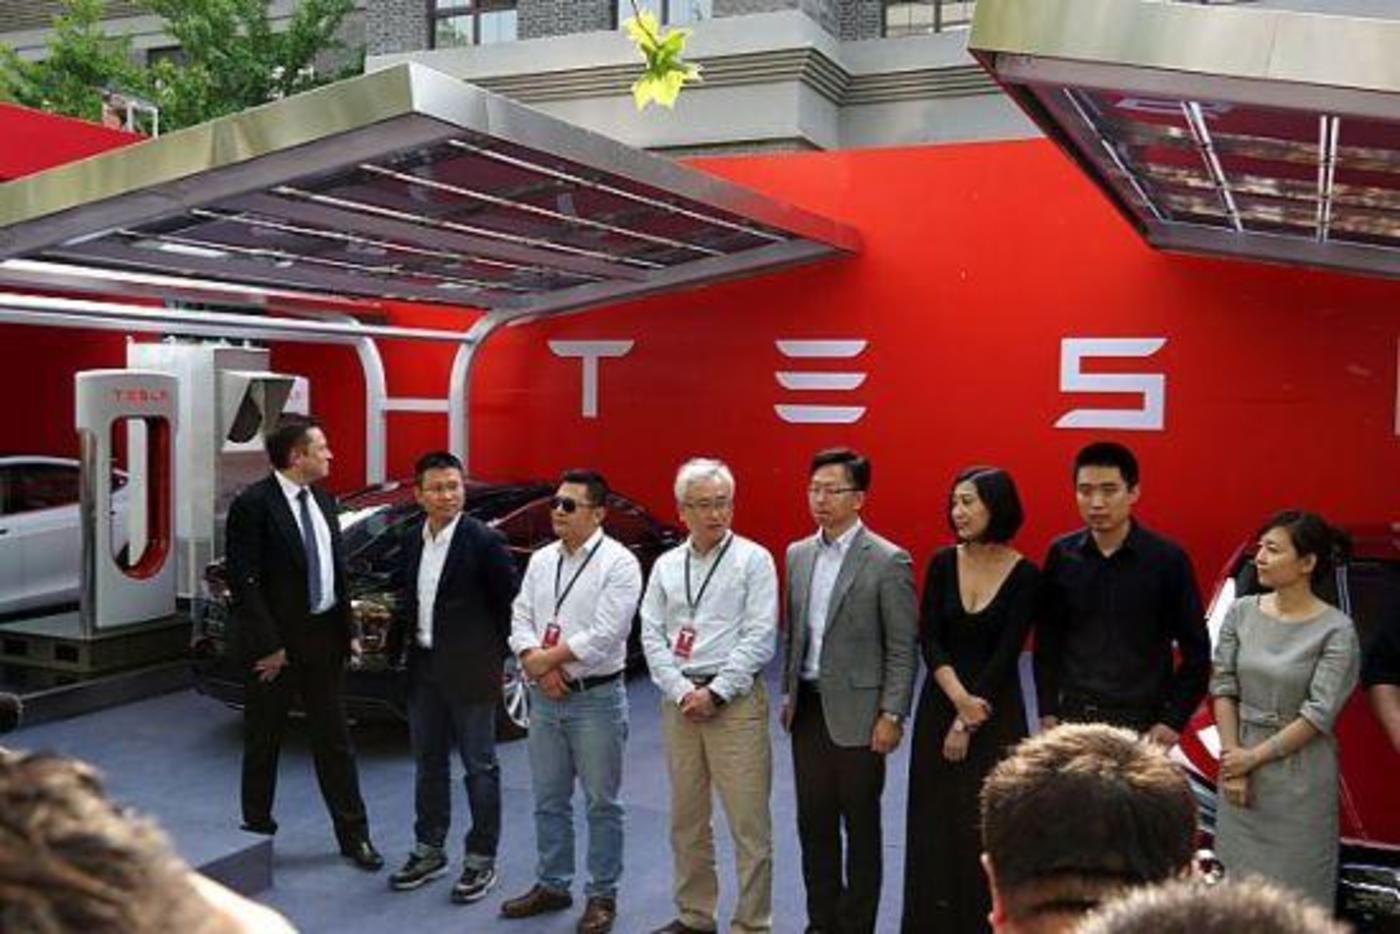 2014年,特斯拉举行中国首批车主交车仪式 马斯克到场参加